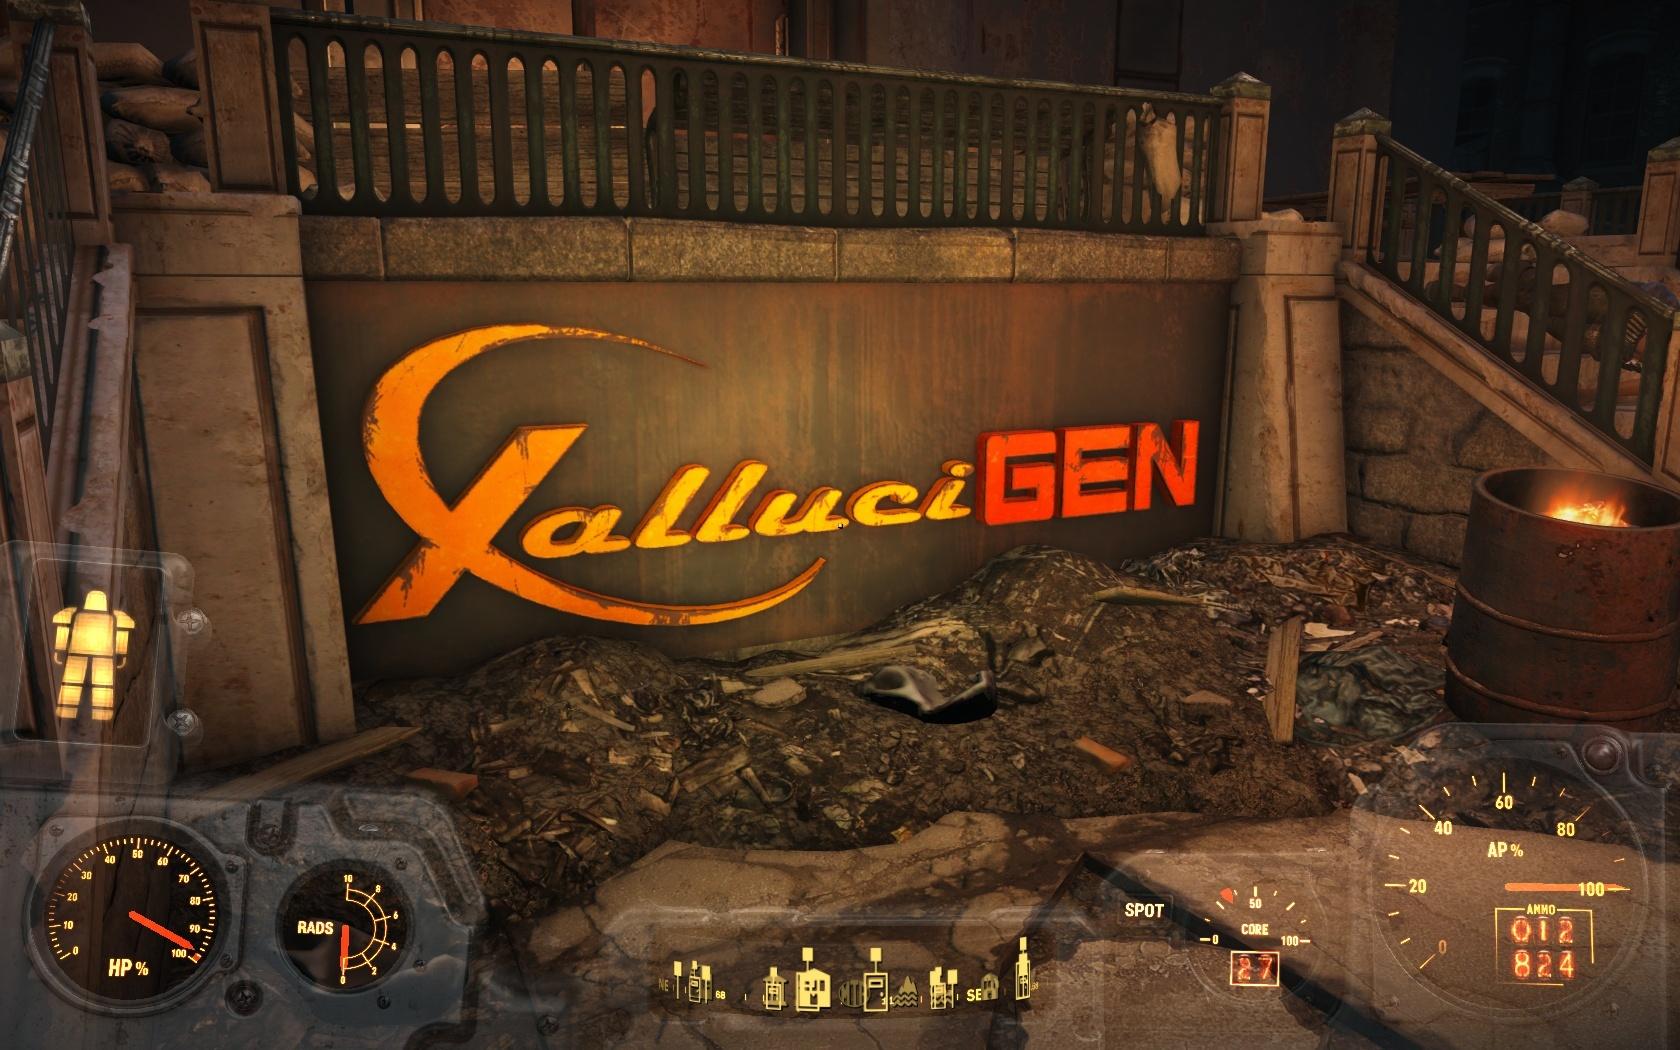 Корпорация ГаллюциГен - Fallout 4 Галлюциген, Корпорация